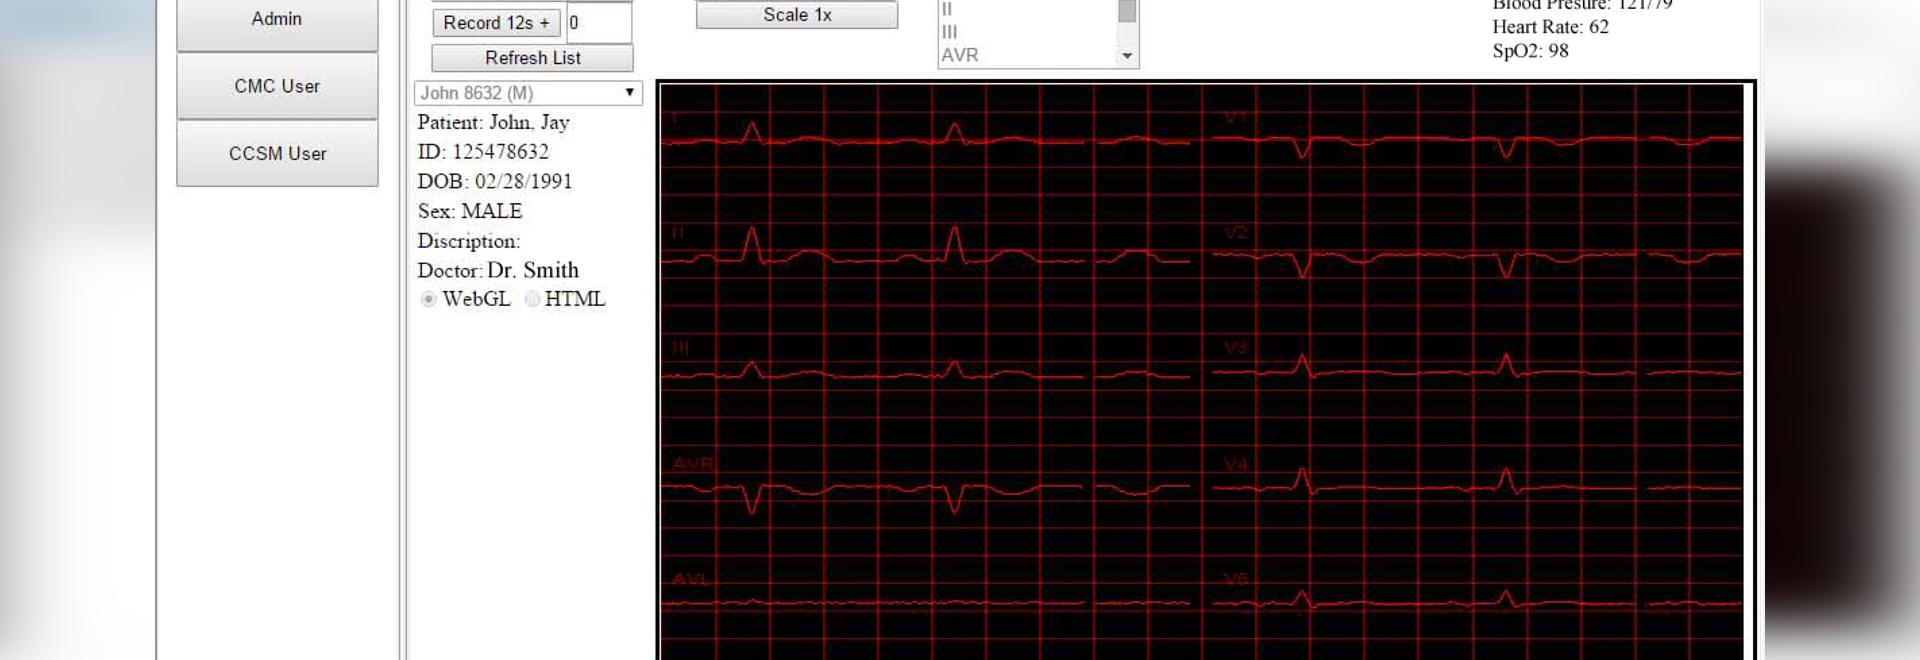 Nasiff CardioMedical™ Database System